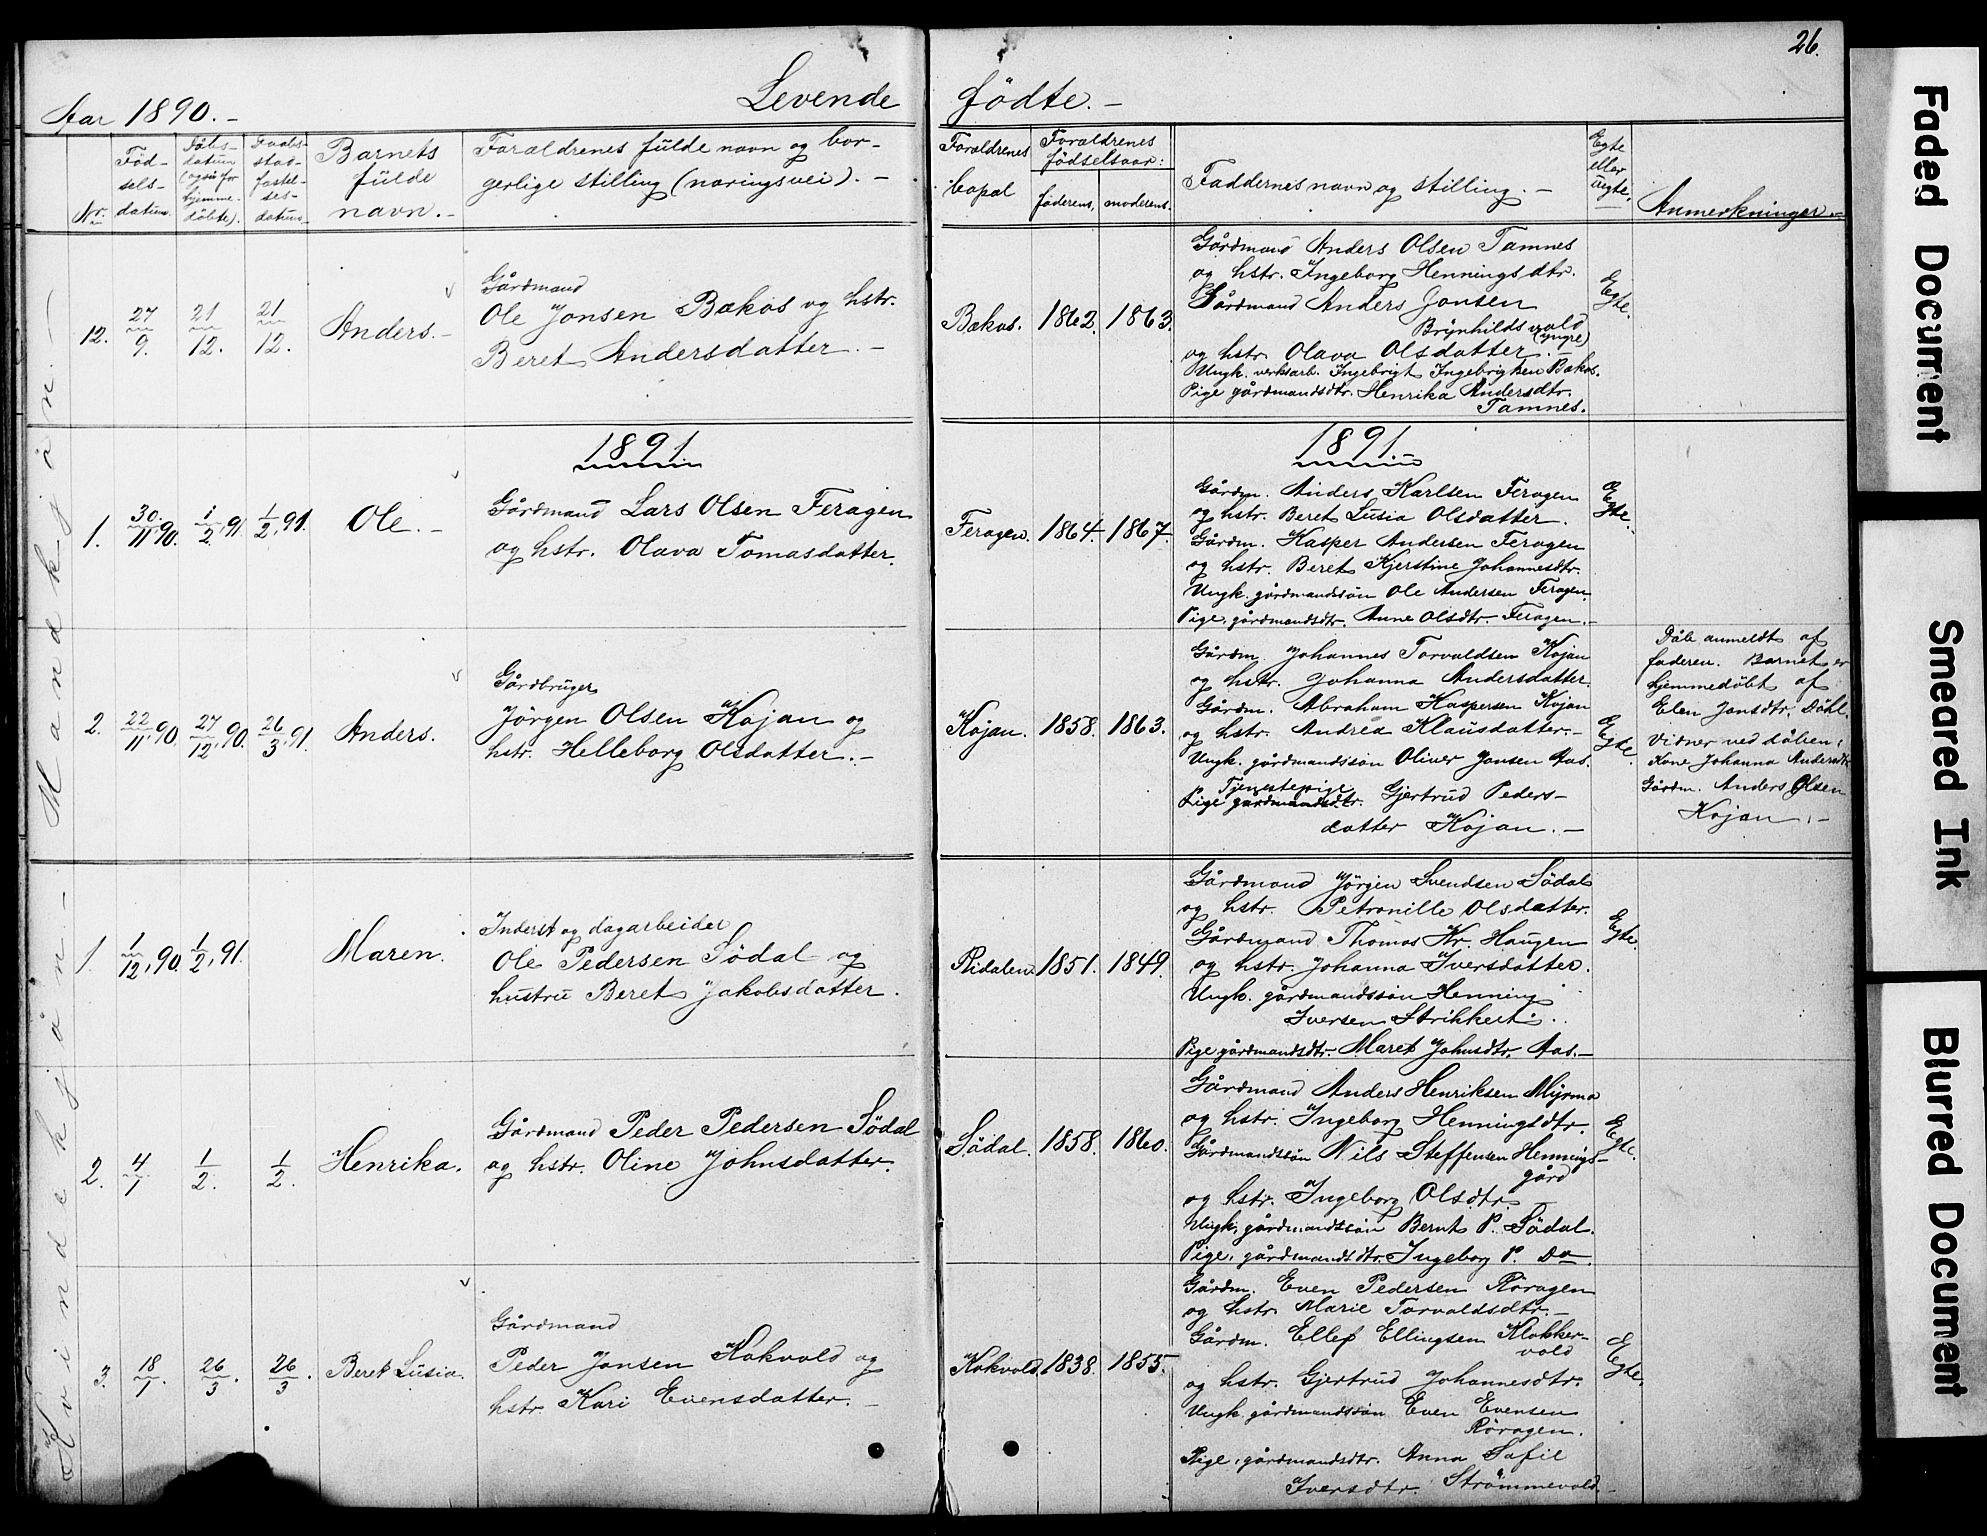 SAT, Ministerialprotokoller, klokkerbøker og fødselsregistre - Sør-Trøndelag, 683/L0949: Klokkerbok nr. 683C01, 1880-1896, s. 26